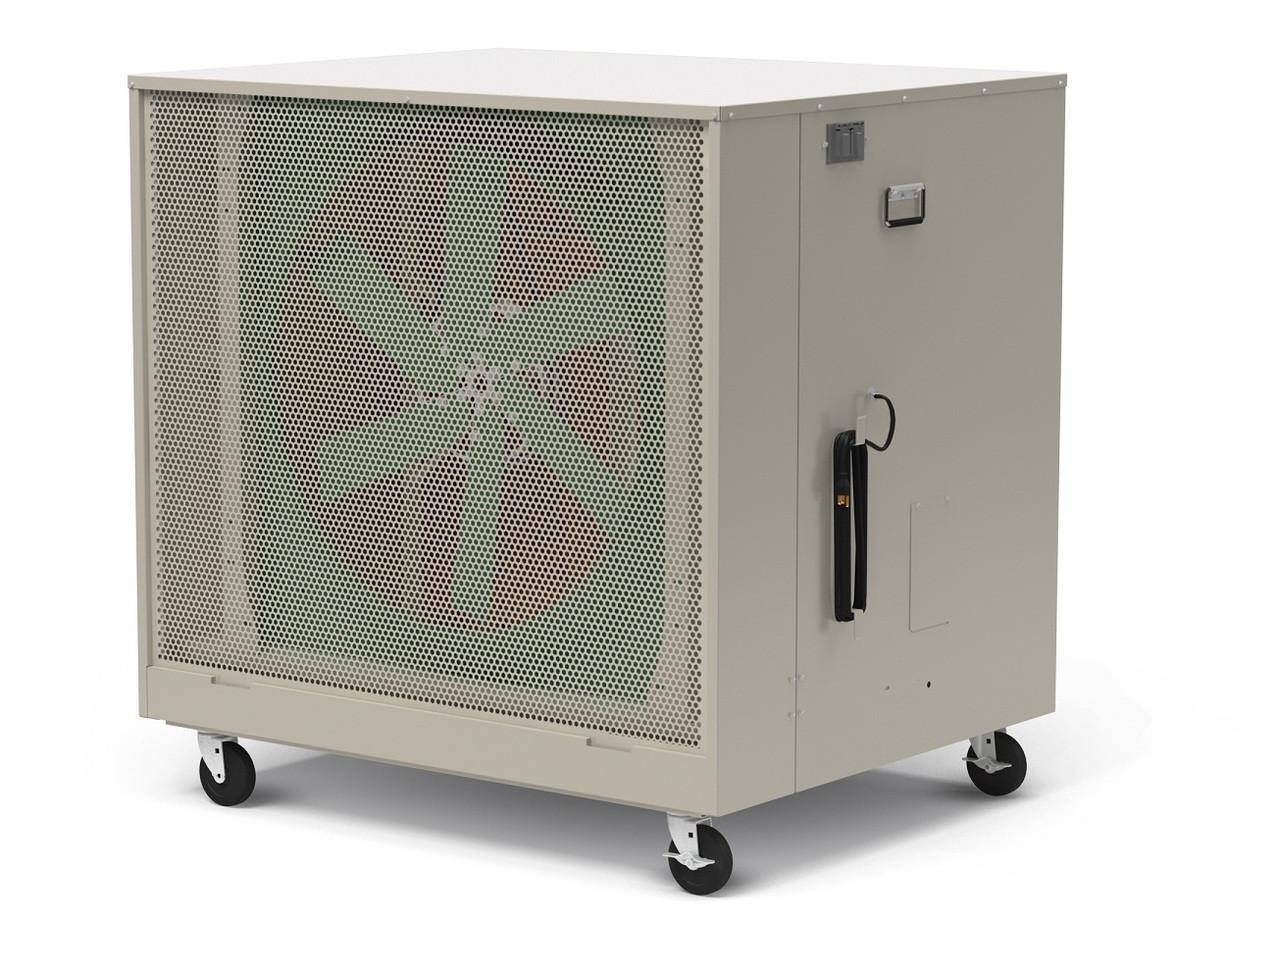 Cool Blast Portable Cooling Units : Master blaster portable evaporative cooler cfm